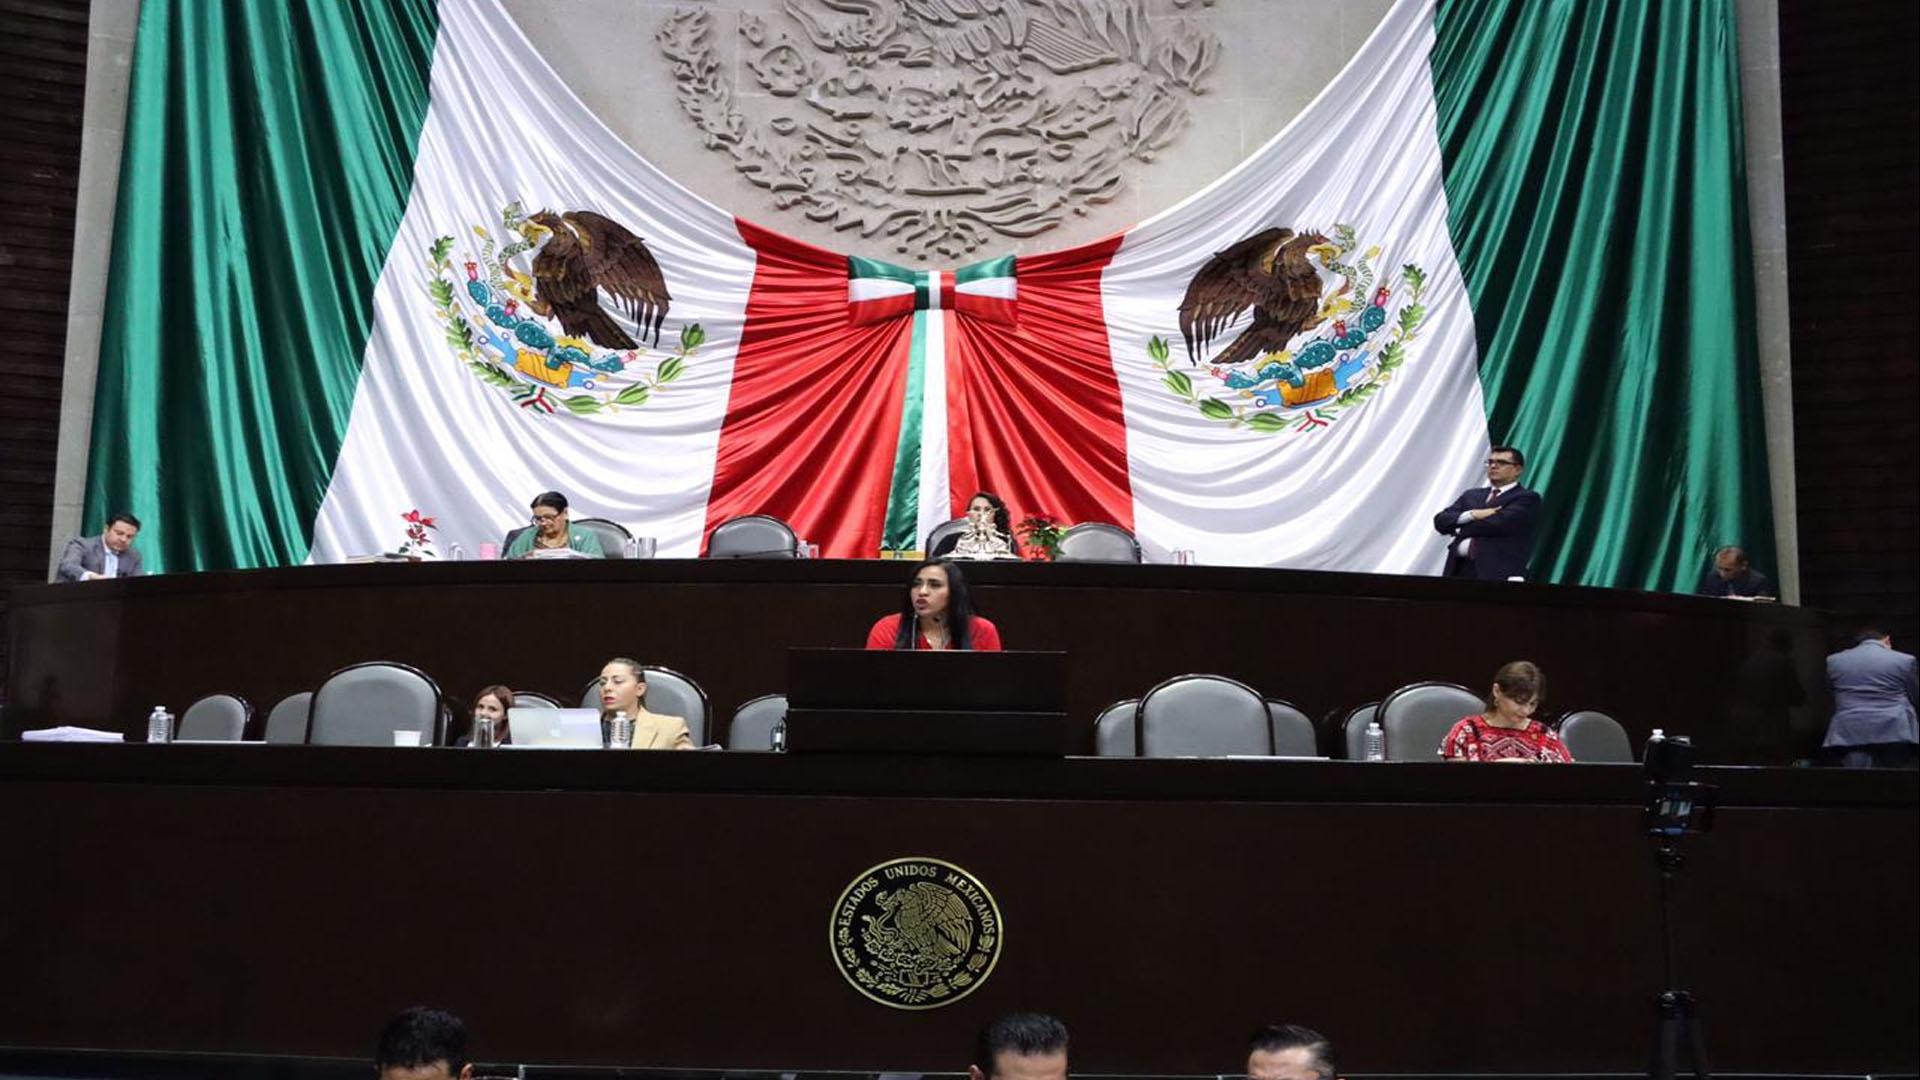 Con la llegada de la 4t la defensa de los derechos humanos es una realidad en todo el país: dip. Mary Carmen Bernal